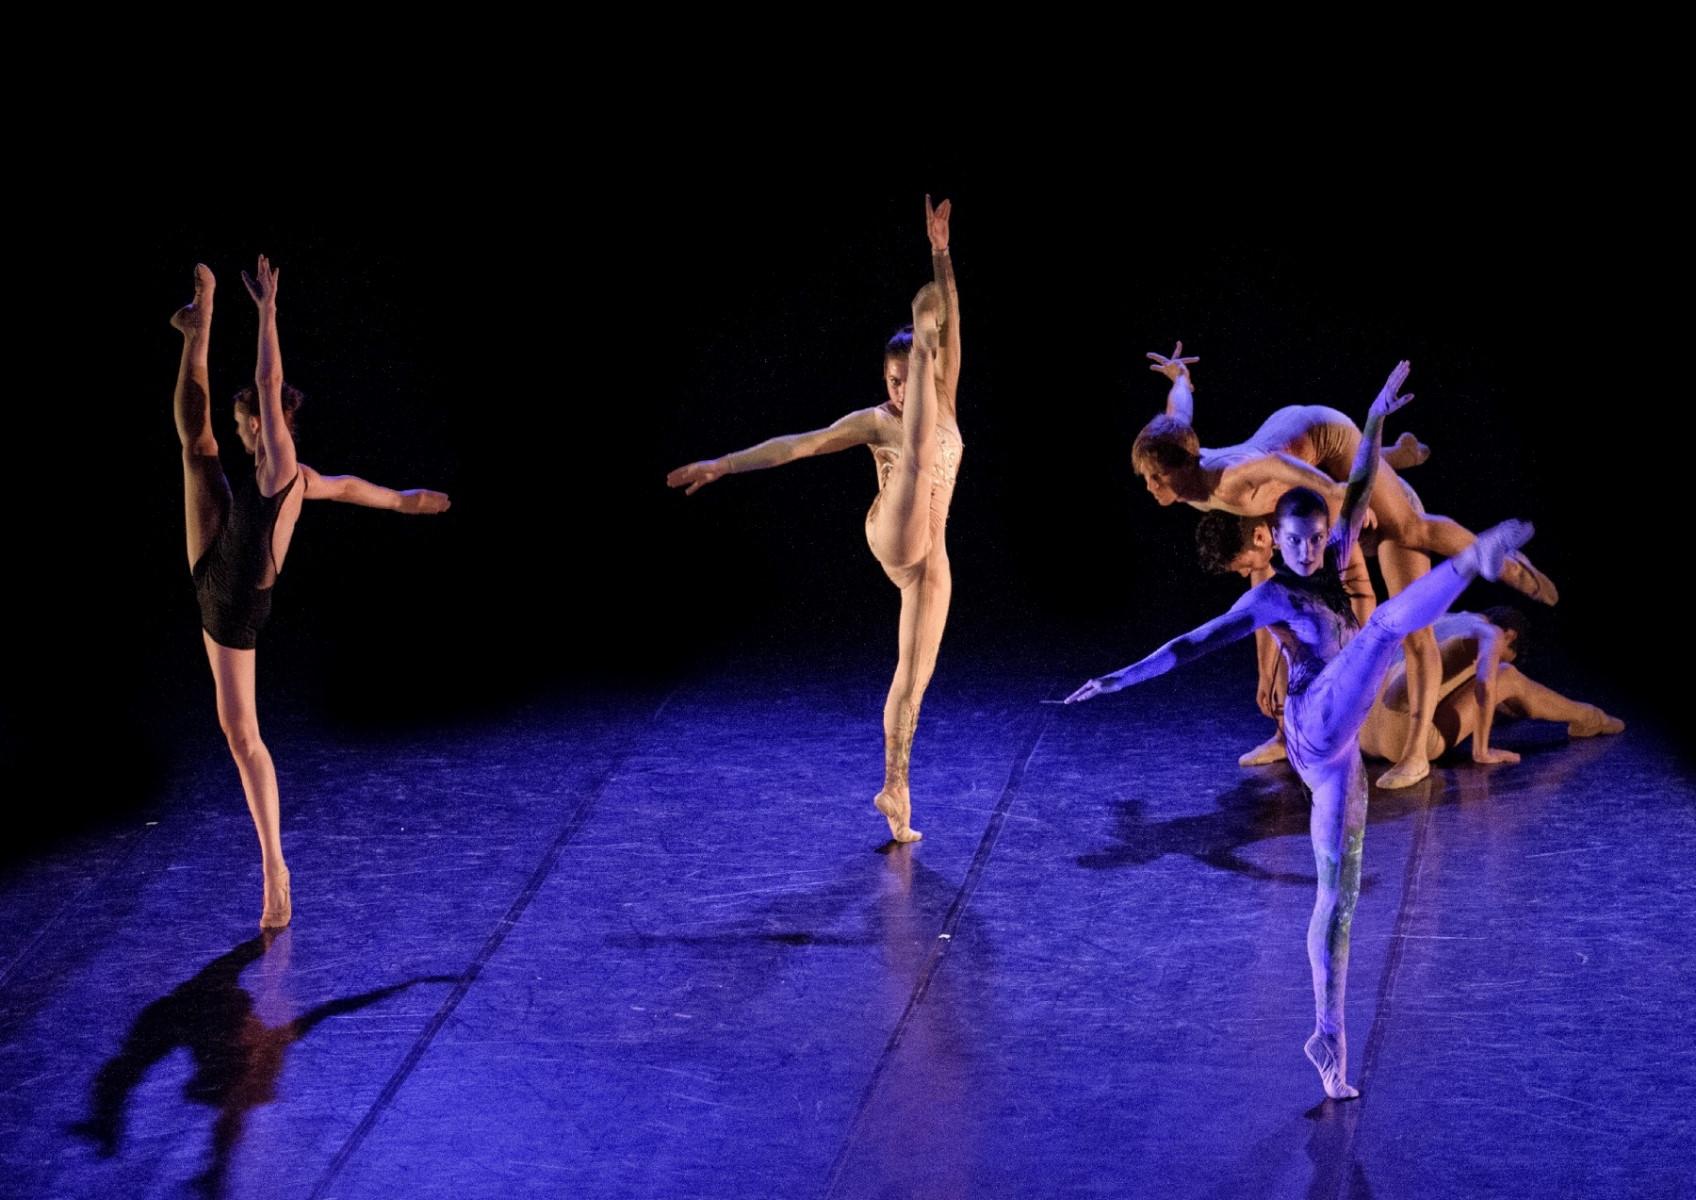 Gabriele-Rossi-109 Dance